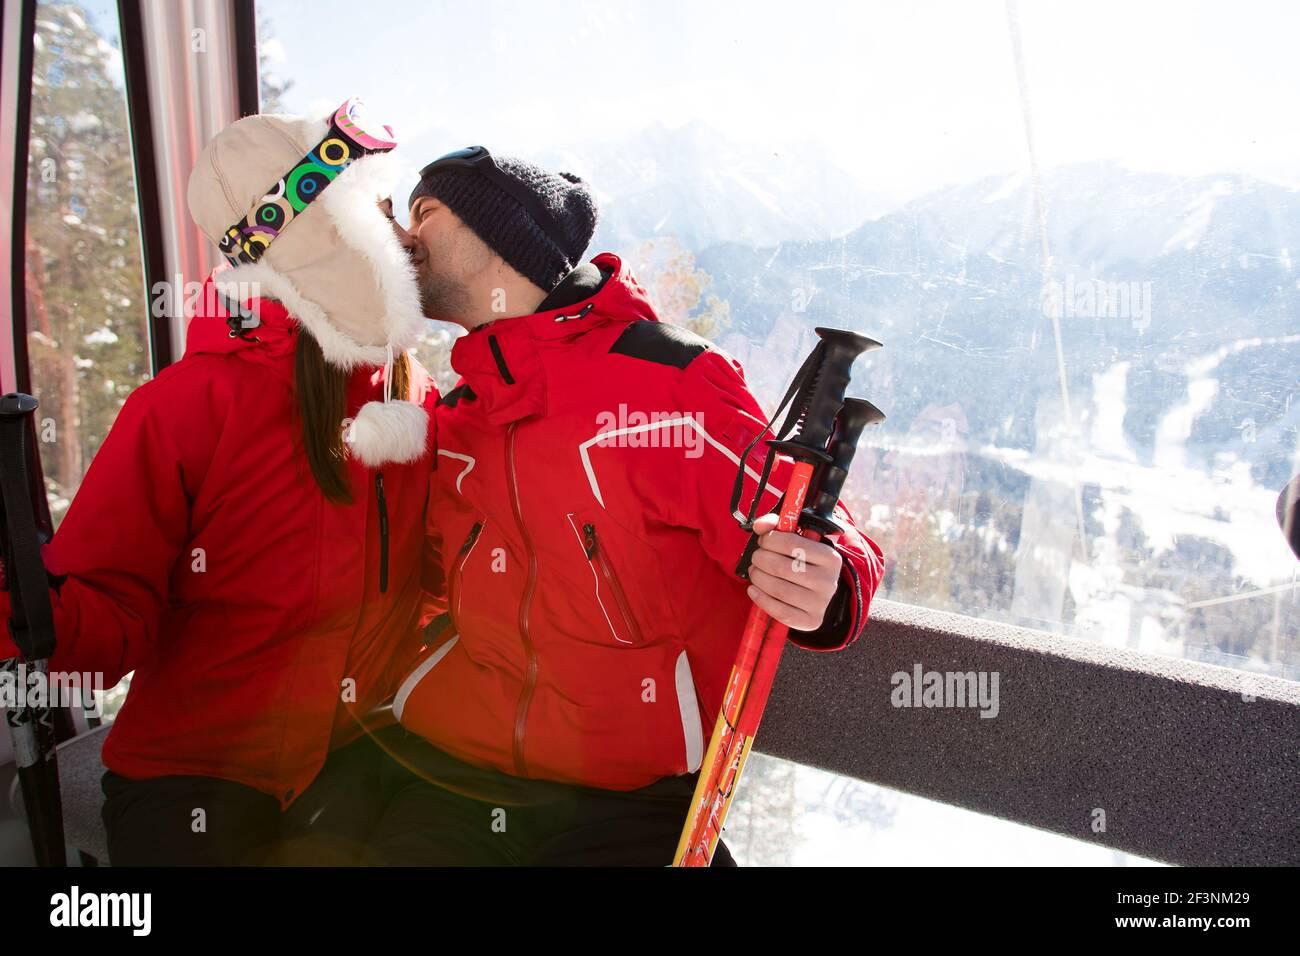 Fröhliche Freunde auf dem Skilift fahren auf verschneiten Berg Stockfoto